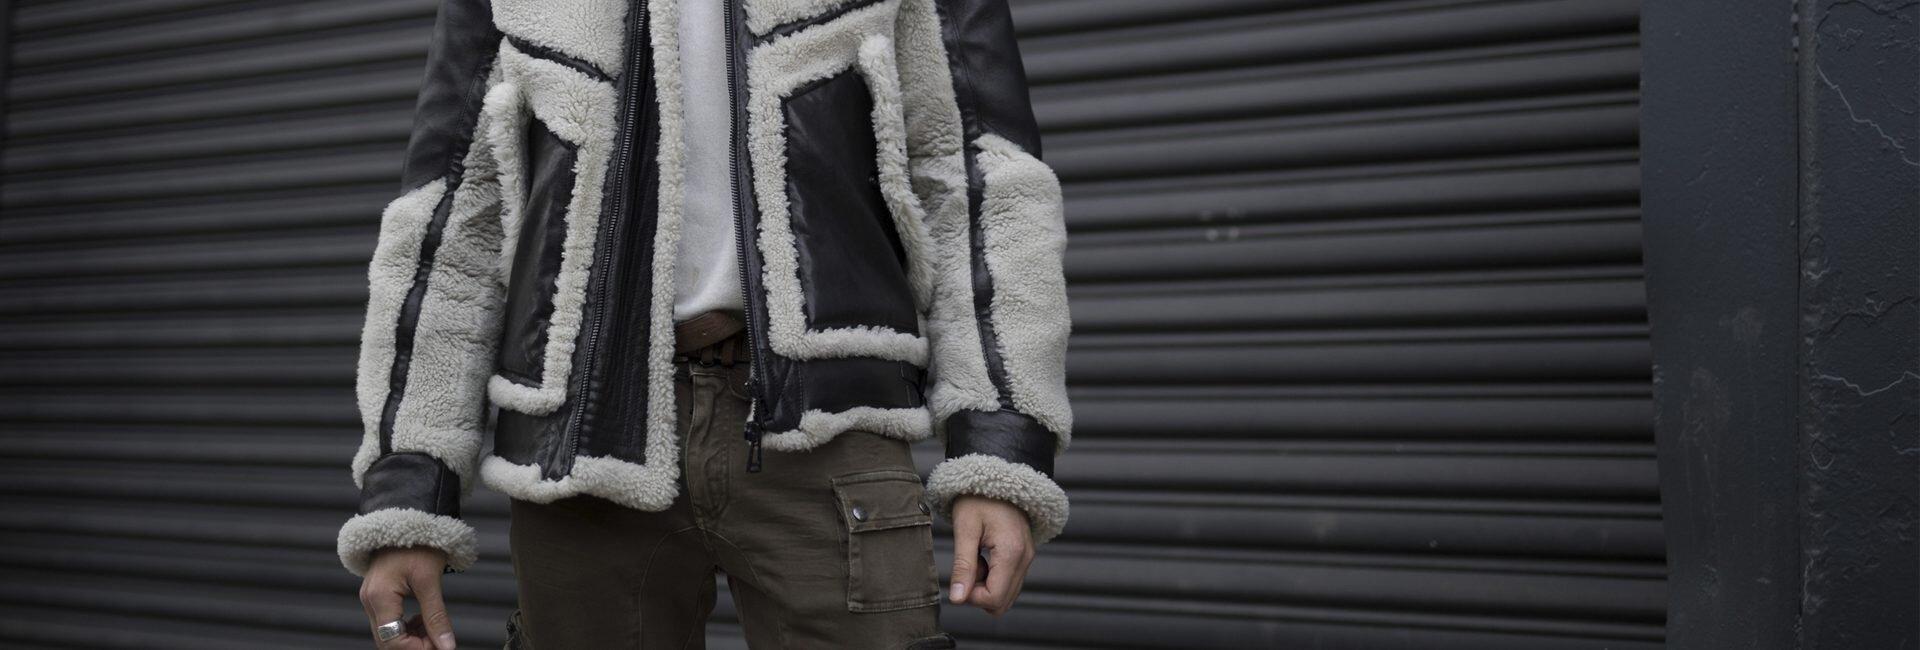 Trendy w modzie męskiej, Moda męska z wybiegów, Trendy w modzie jesień-zima 2017, co nosić jesienią i zimą, mężczyzna 2017 roku